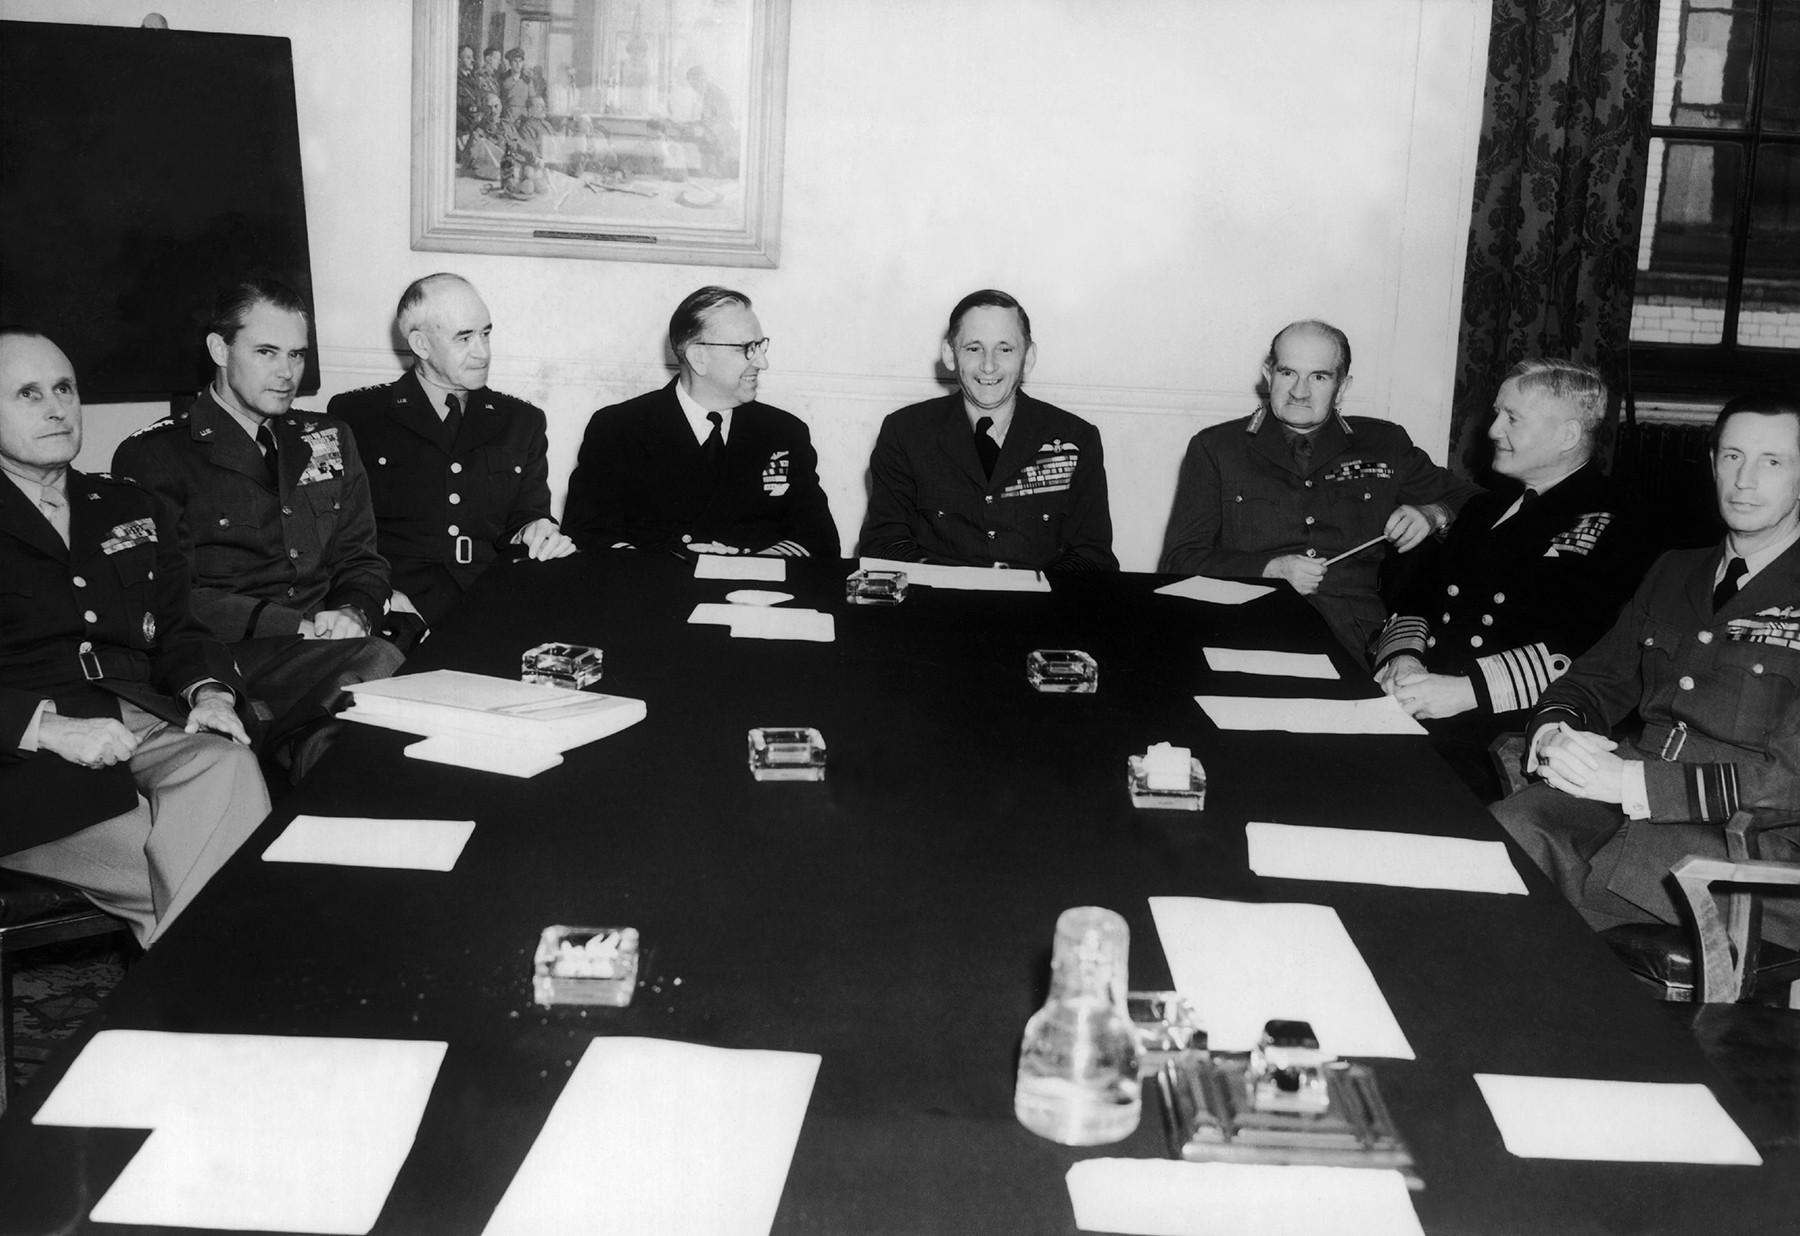 Autour de la table des négociations à Londres. De gauche à droite : le général-major Alfred M. Gruenther; le général Hoyst S. Vandenberg; le général Omar N. Bradley: l'Amiral Louis E. Denfield; le lord Tedder; le maréchal William Slim; l'amiral Fraser et le maréchal William Elliot.